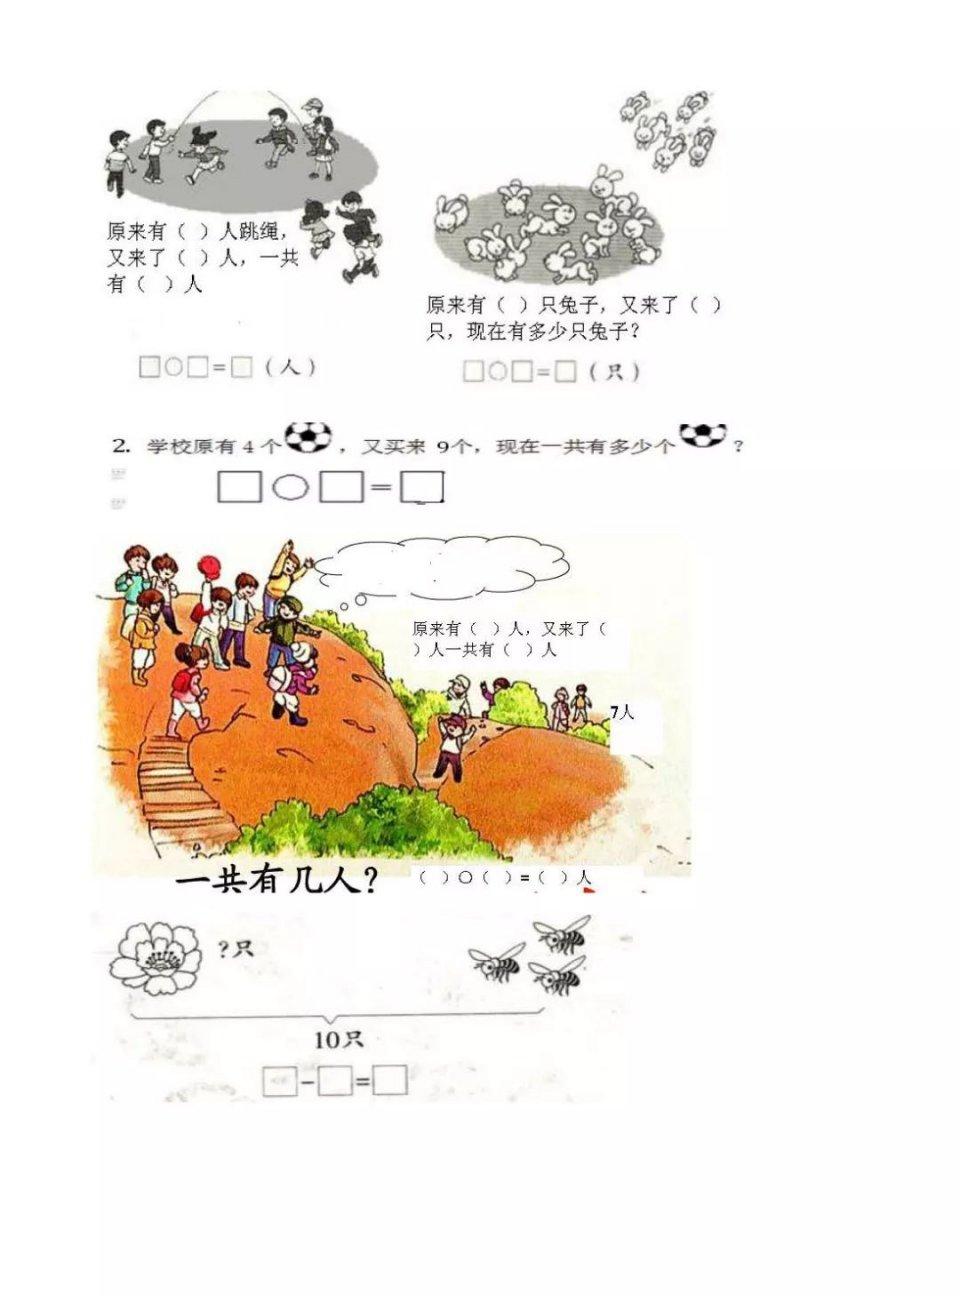 人教版一年级上册数学看图应用题集,给孩子下载练习!图片